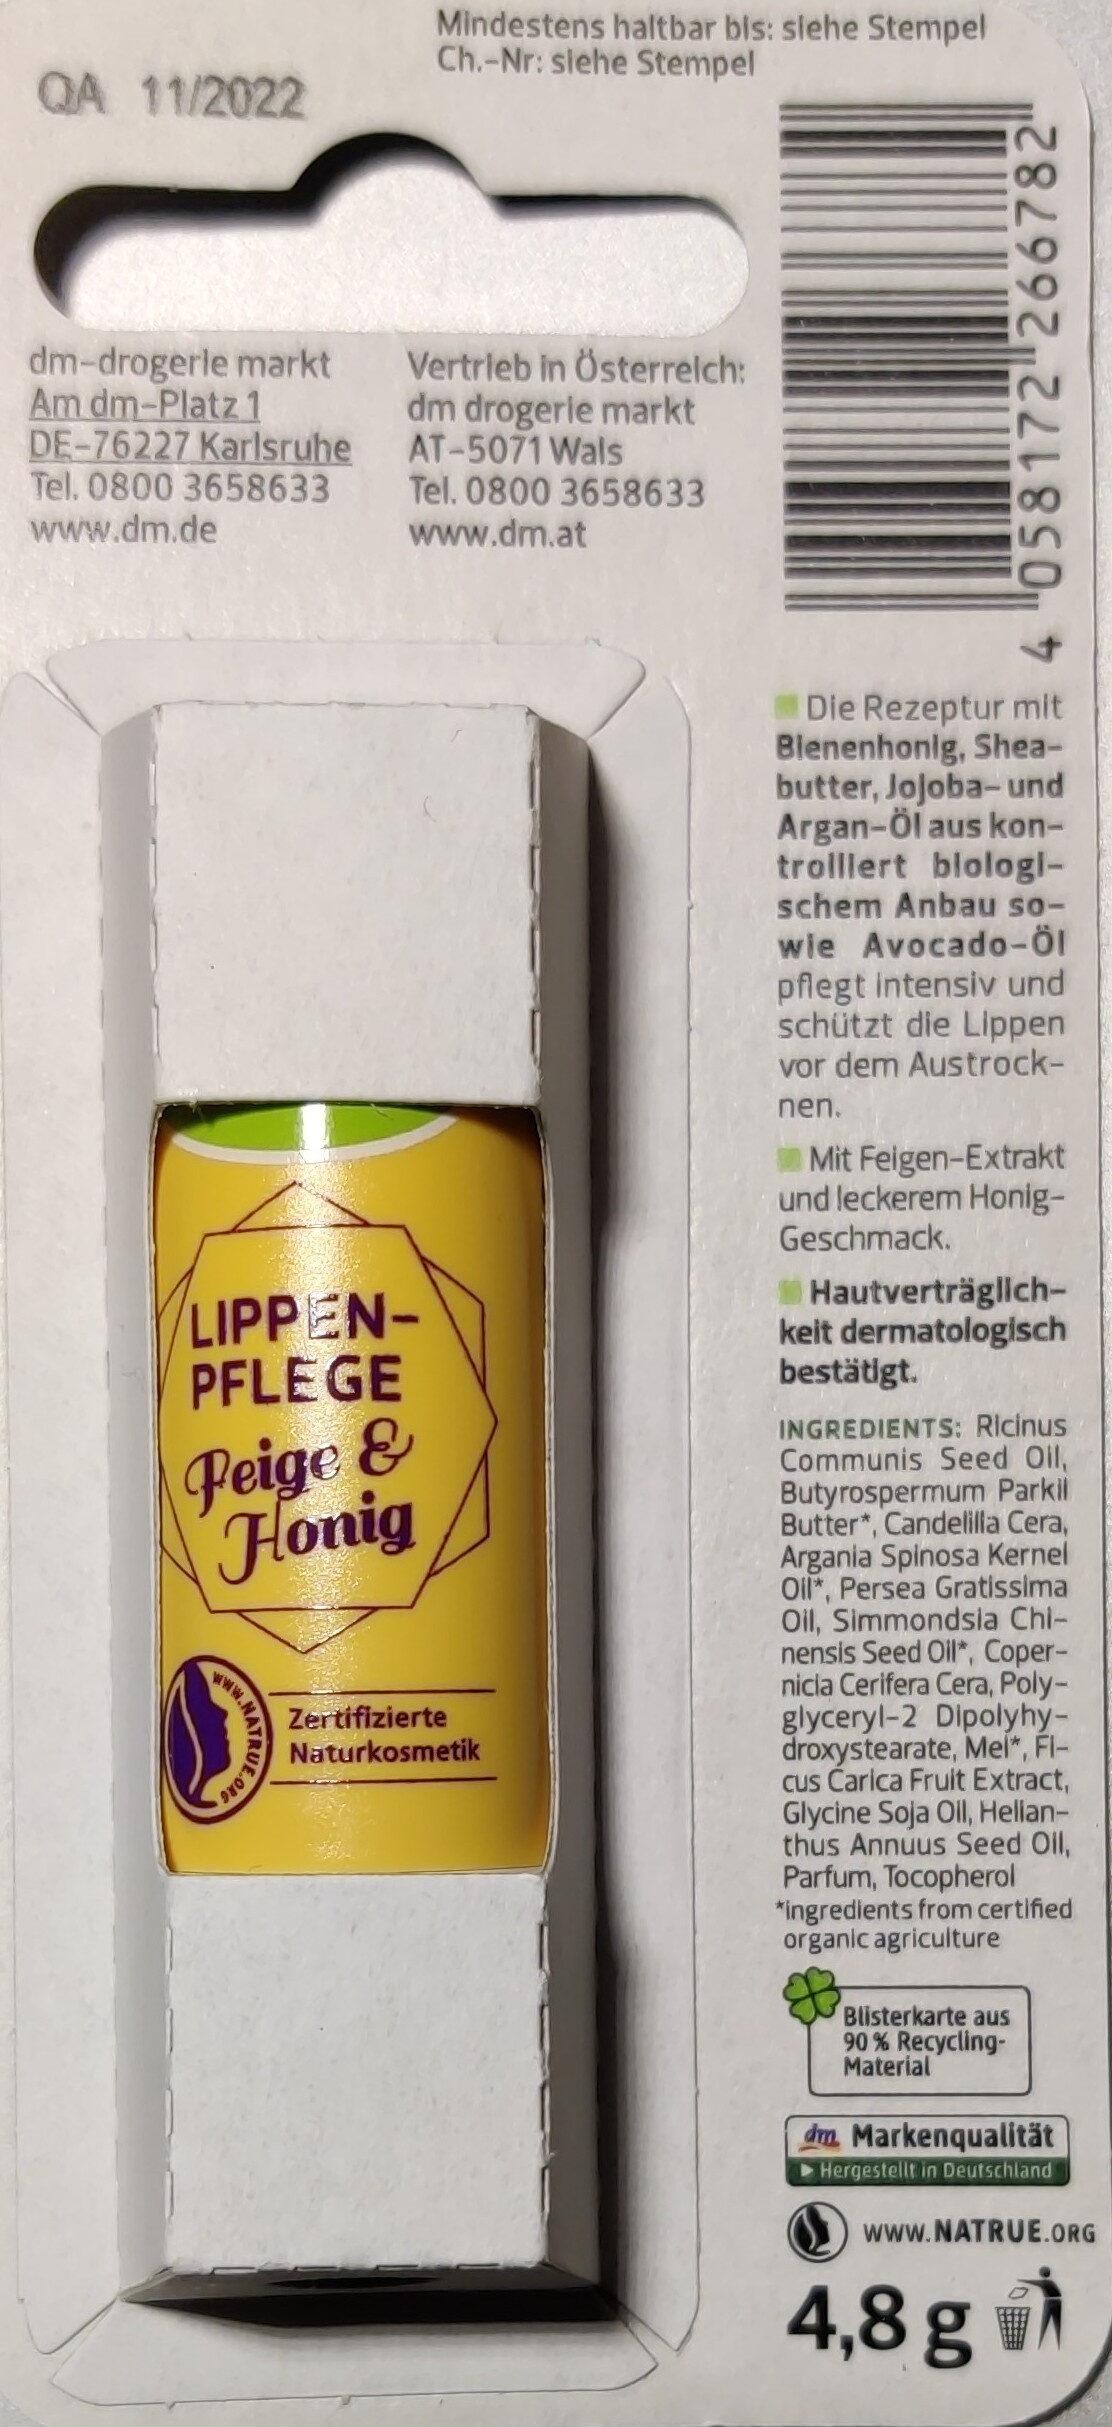 Lippen Pflege Feige & Honig - Product - en